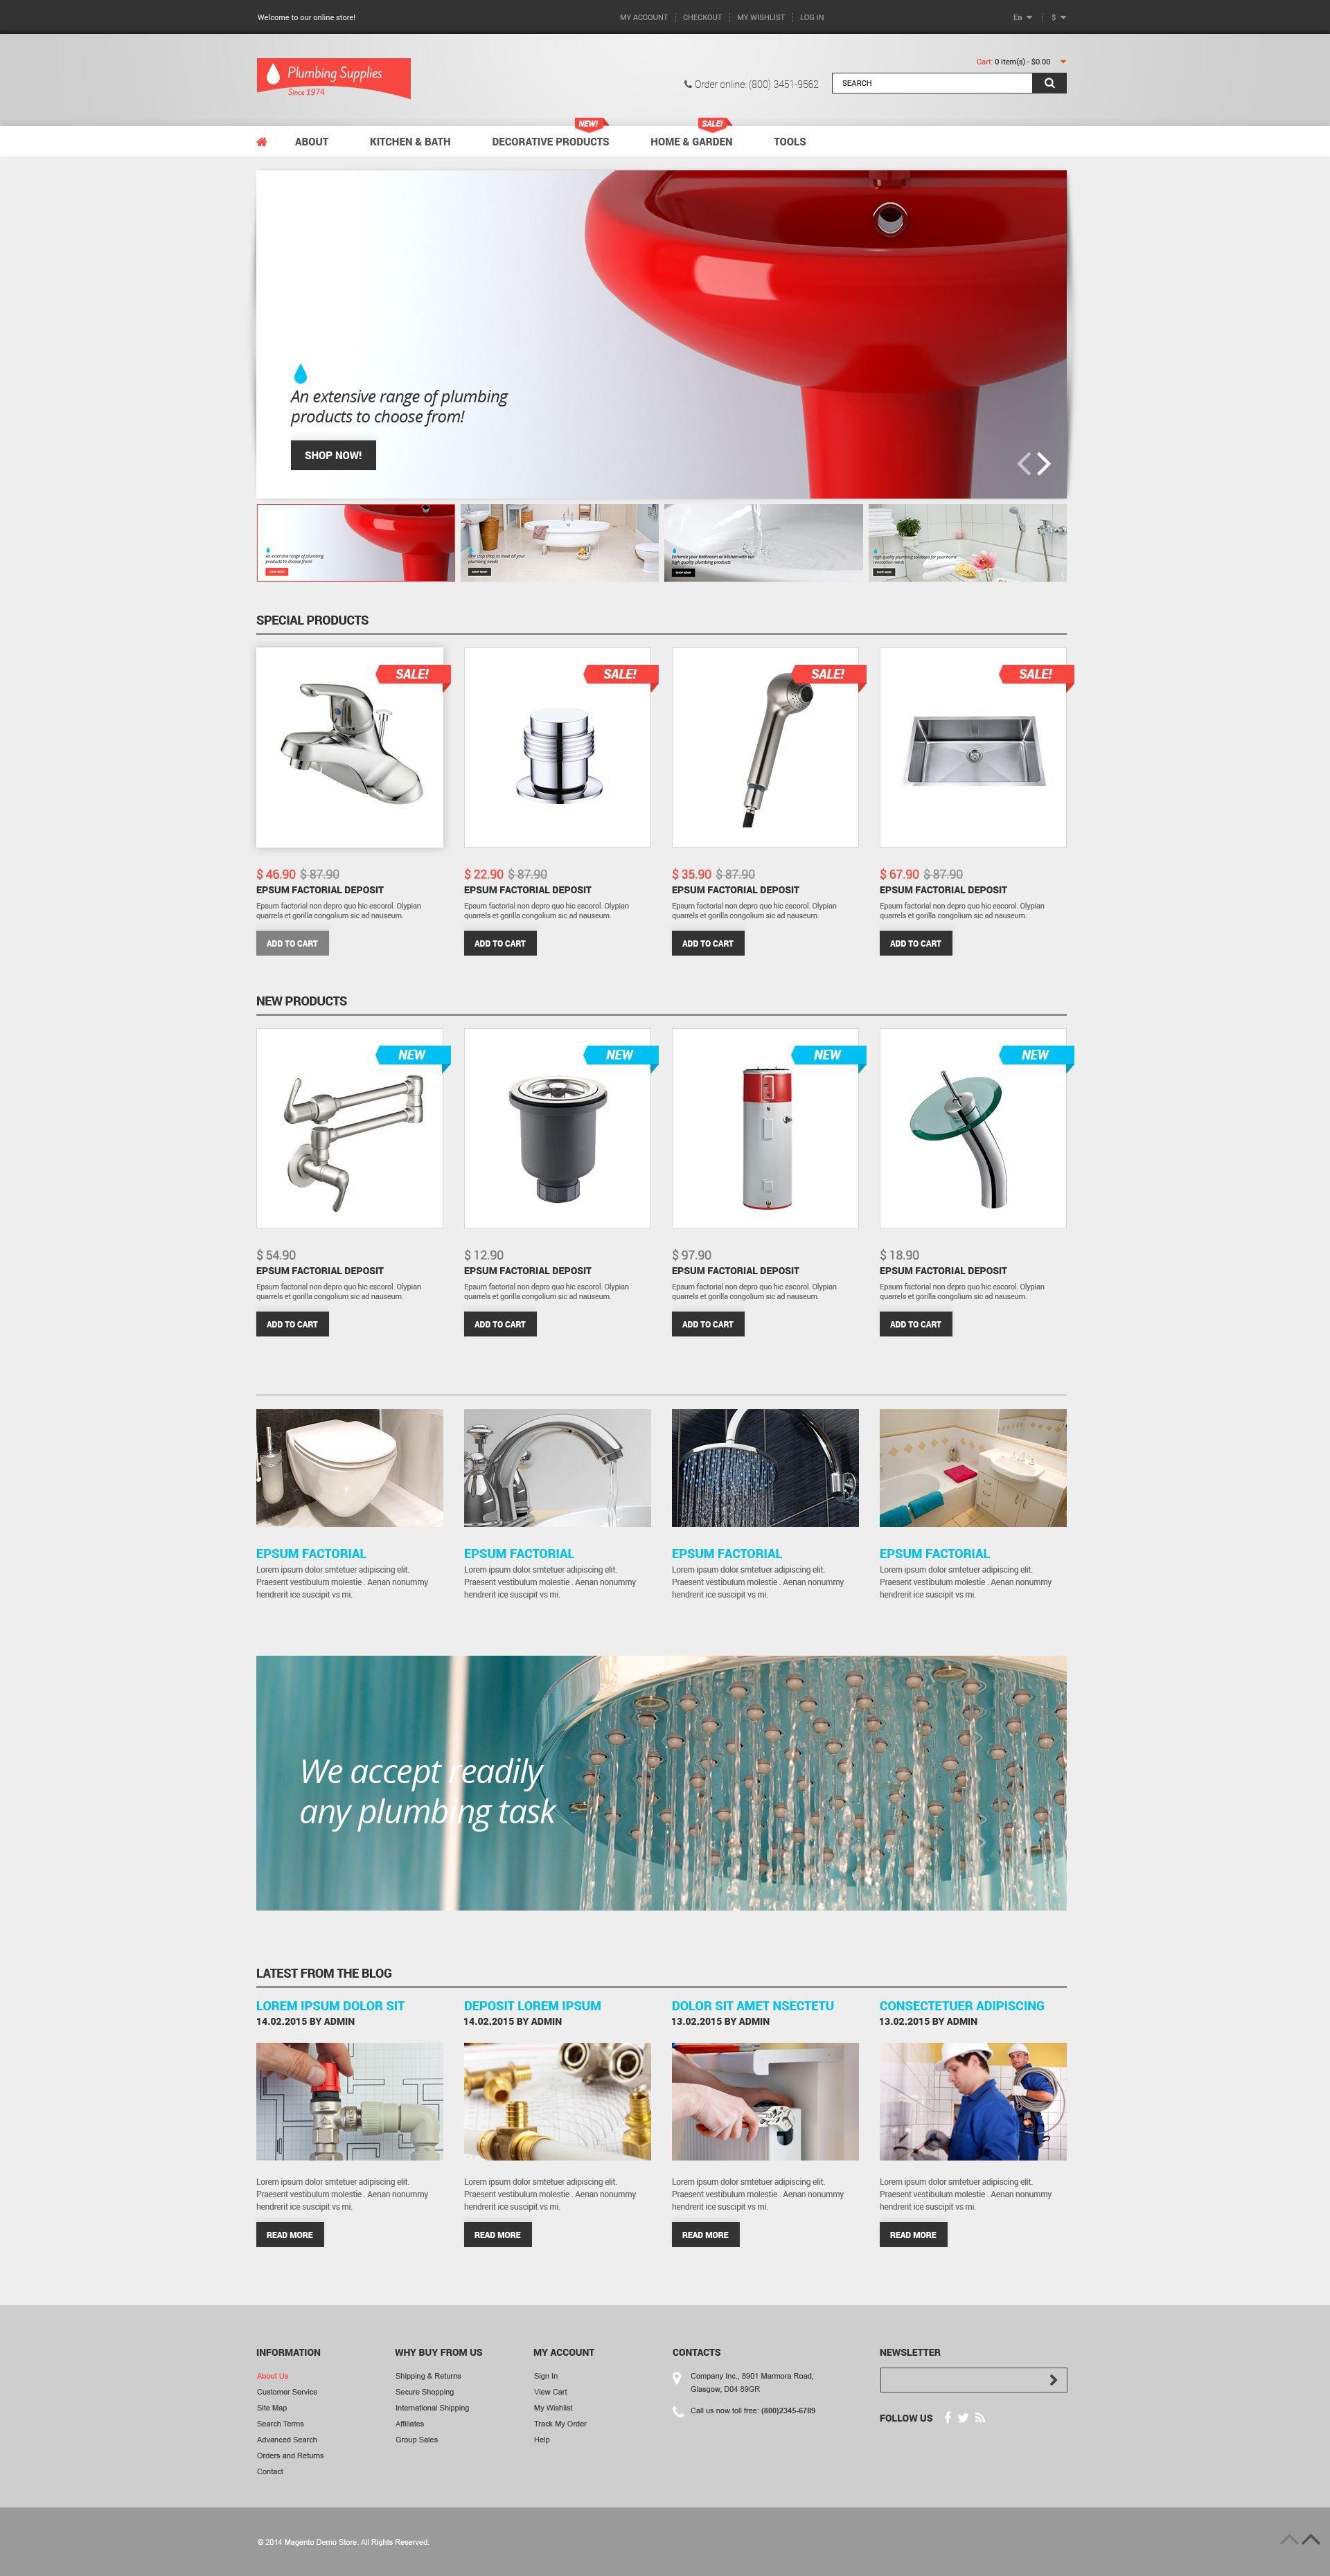 forum ciphex west content hvacr design public plumbing